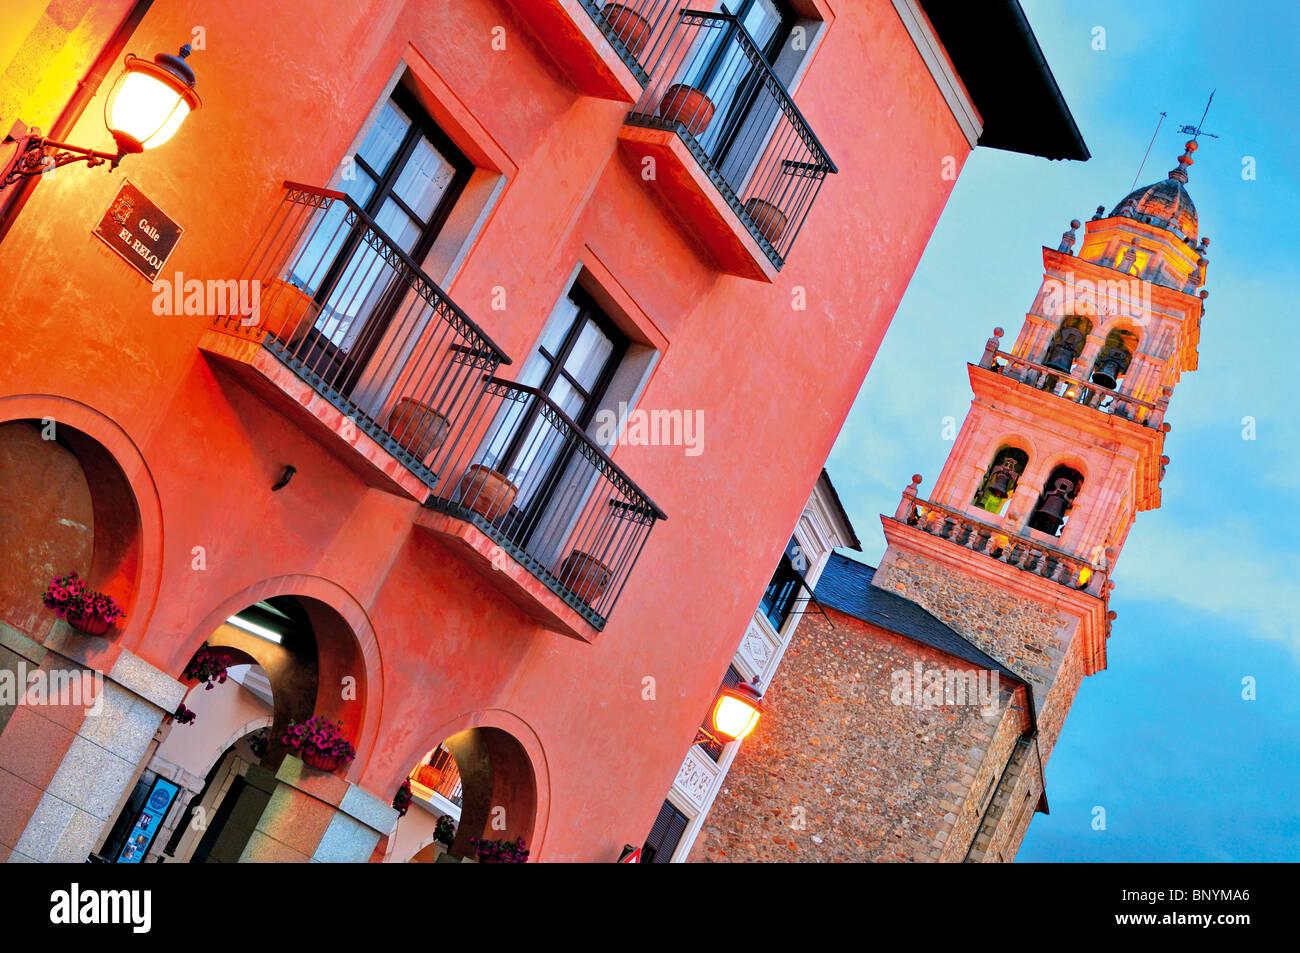 Spagna, San Giacomo Titolo: centro storico di Ponferrada Immagini Stock